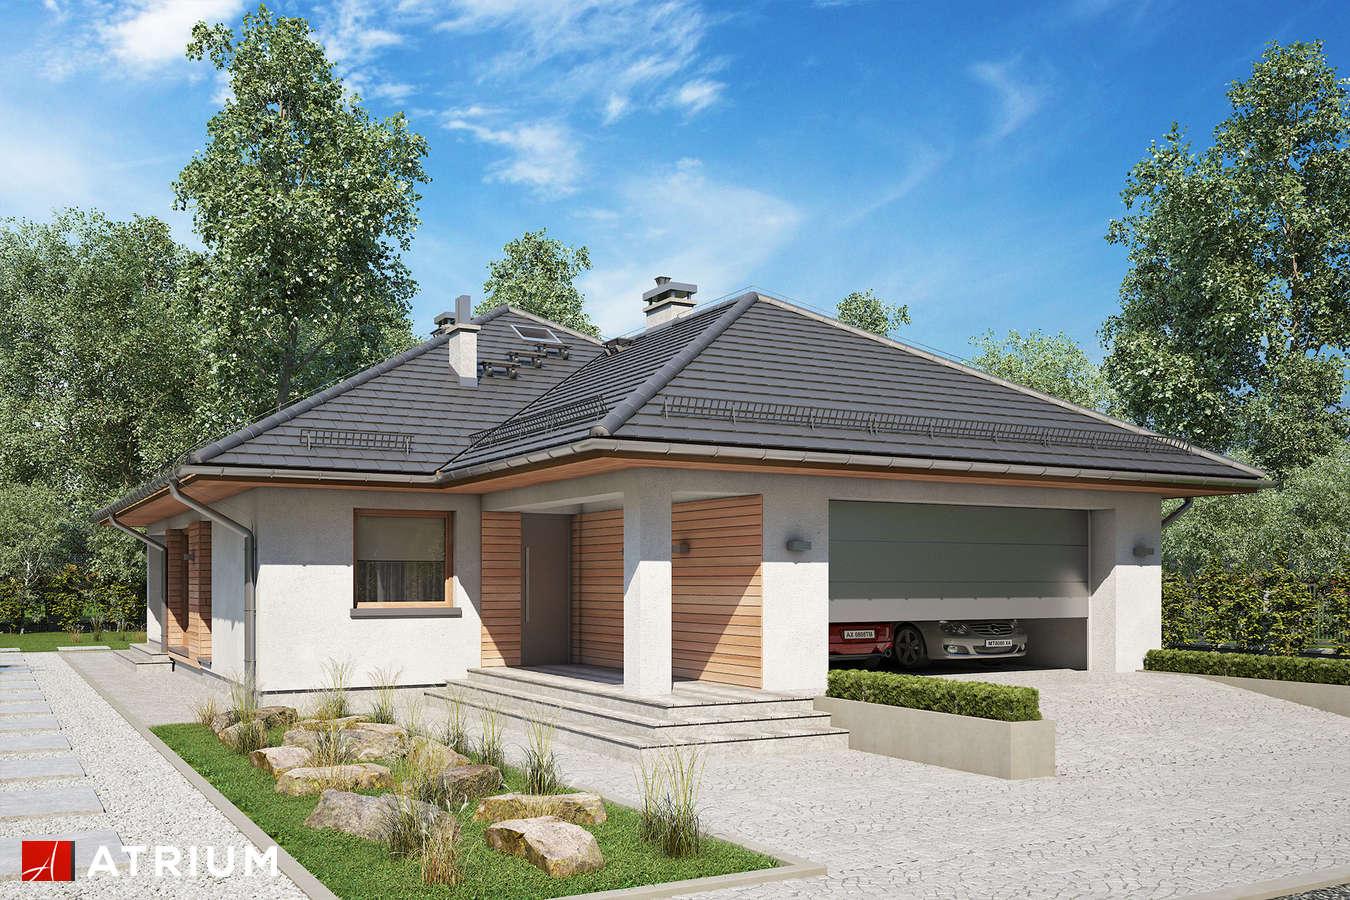 Projekty domów - Projekt domu parterowego BURSZTYN PLUS MAXI - wizualizacja 1